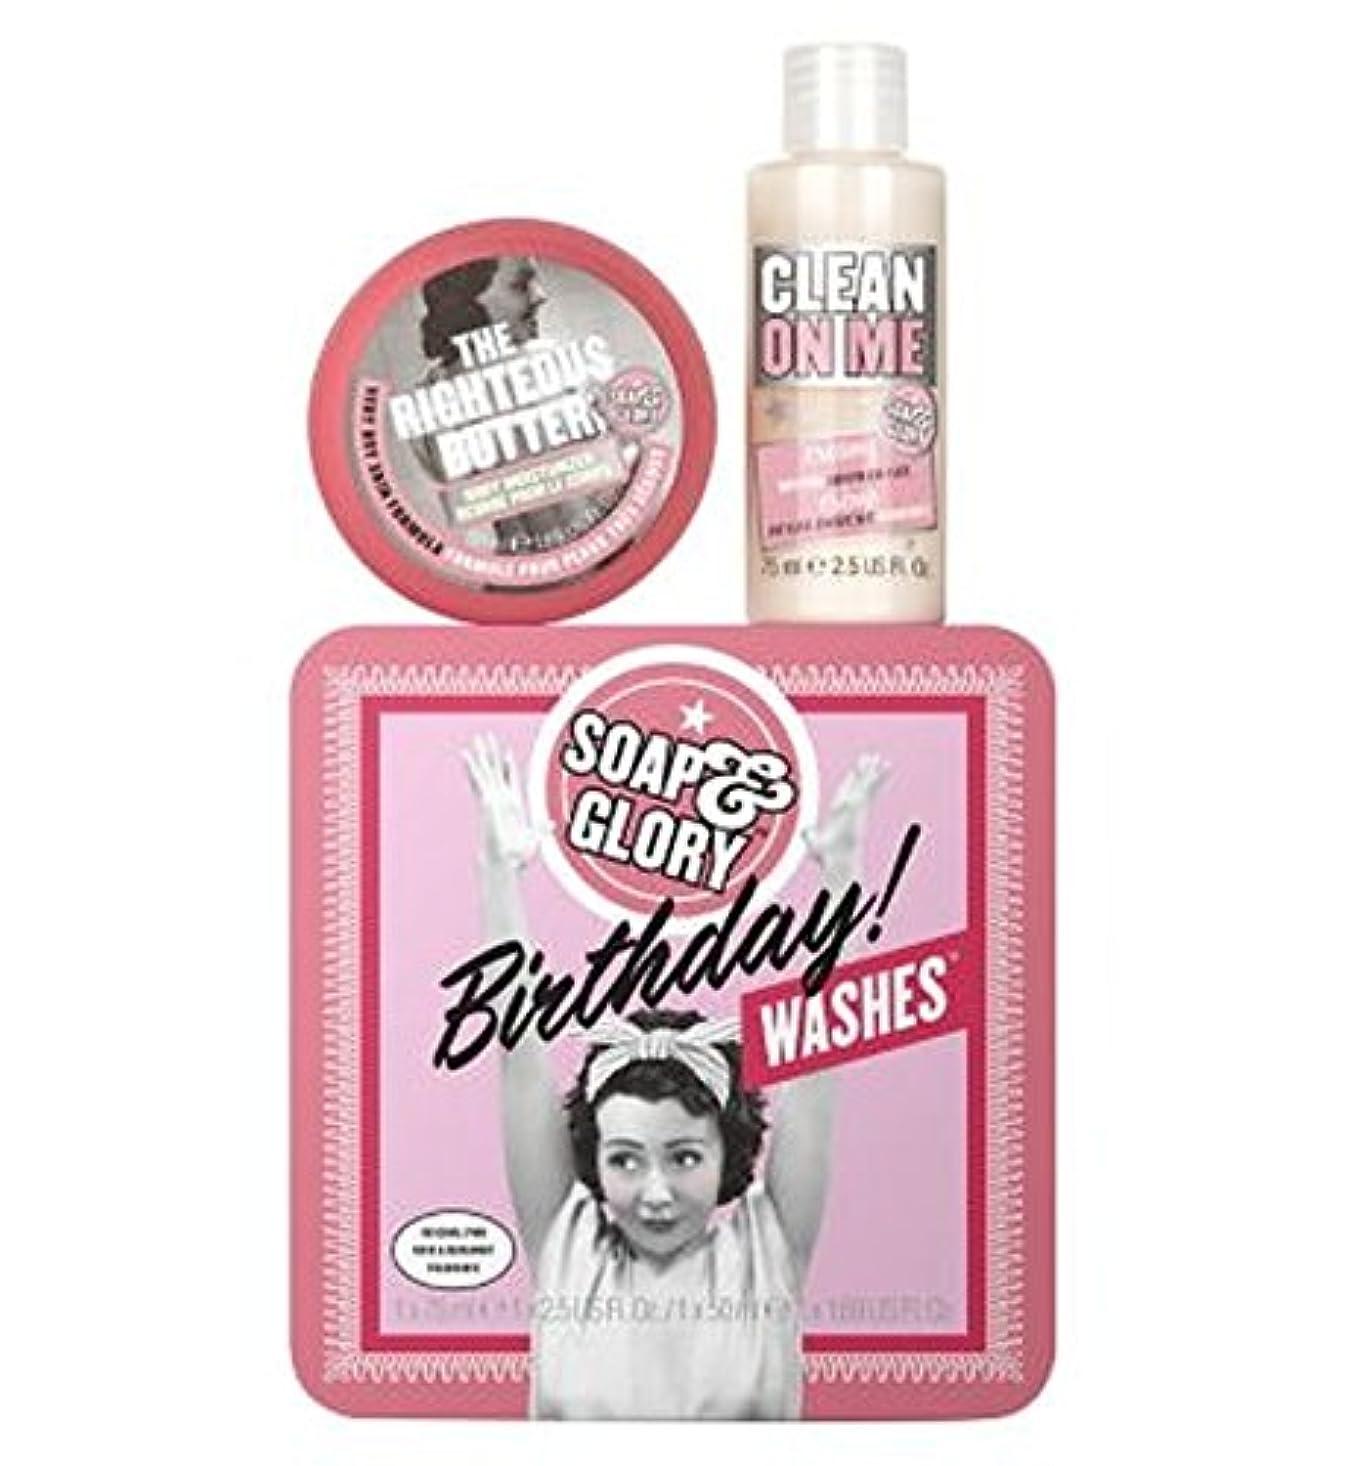 債務コンチネンタル分泌する石鹸&栄光?の誕生日の洗浄液?ギフトセット (Soap & Glory) (x2) - Soap & Glory? BIRTHDAY WASHES? Gift Set (Pack of 2) [並行輸入品]